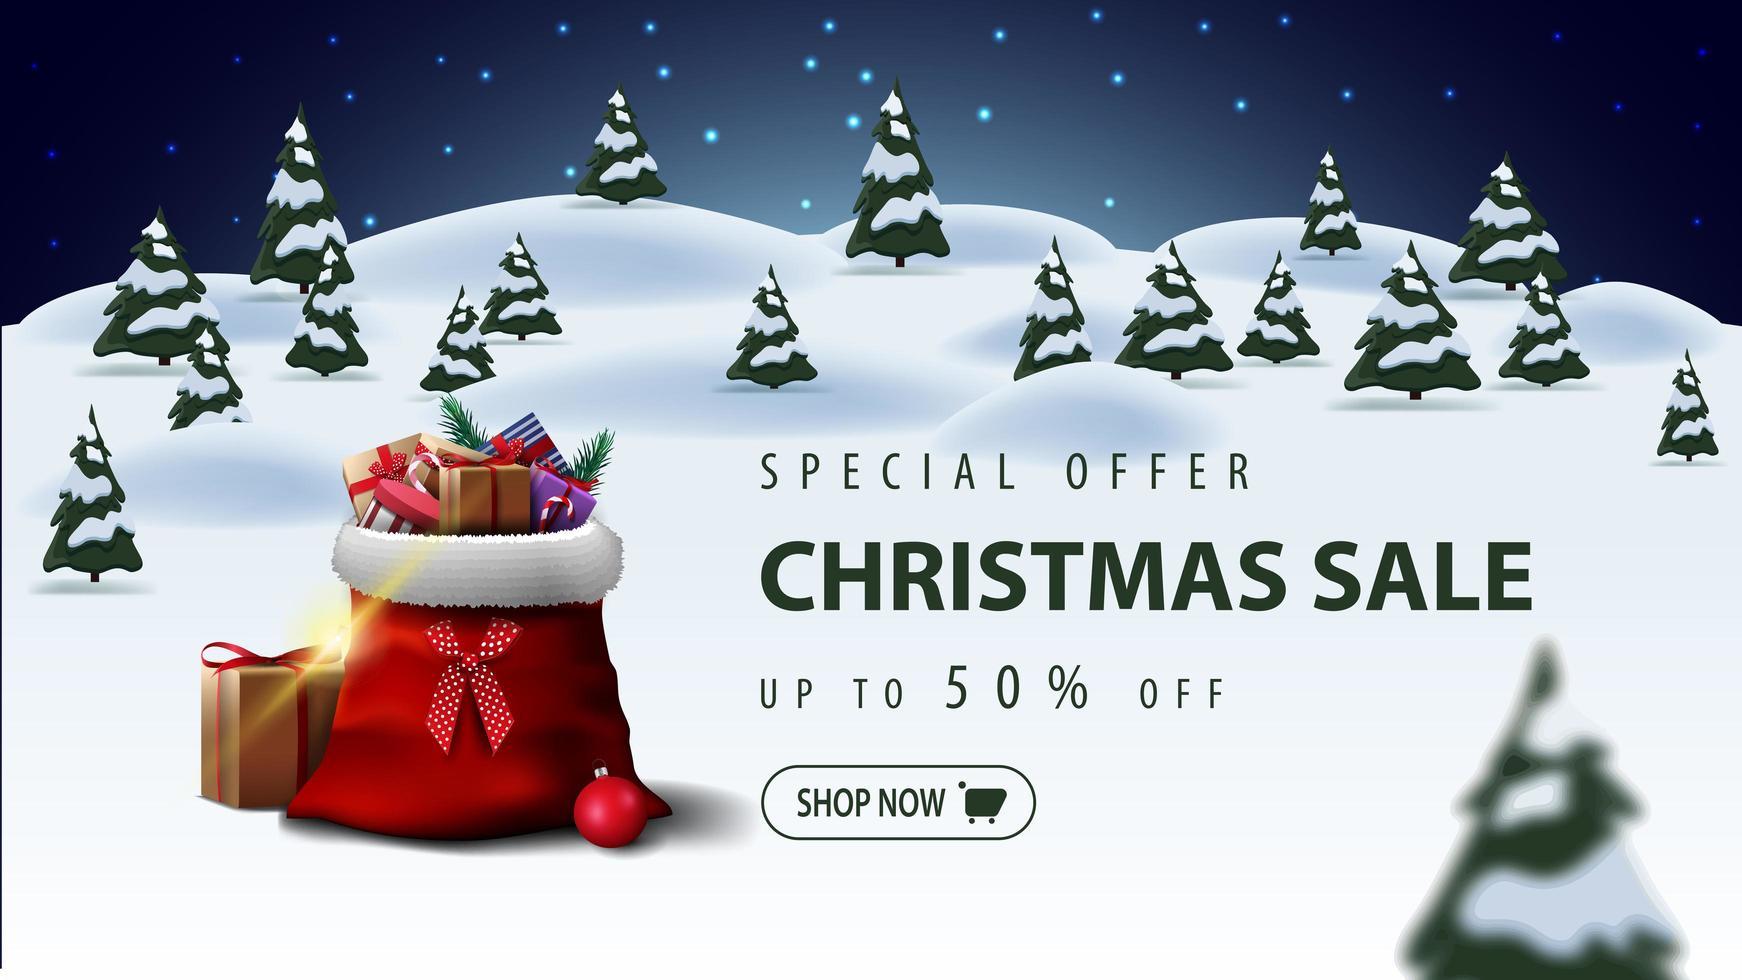 Sonderangebot, Weihnachtsverkauf, bis zu 50 Rabatt, schöne Rabatt Banner mit Weihnachtsmann Tasche mit Geschenken und Cartoon Winterlandschaft auf Hintergrund vektor